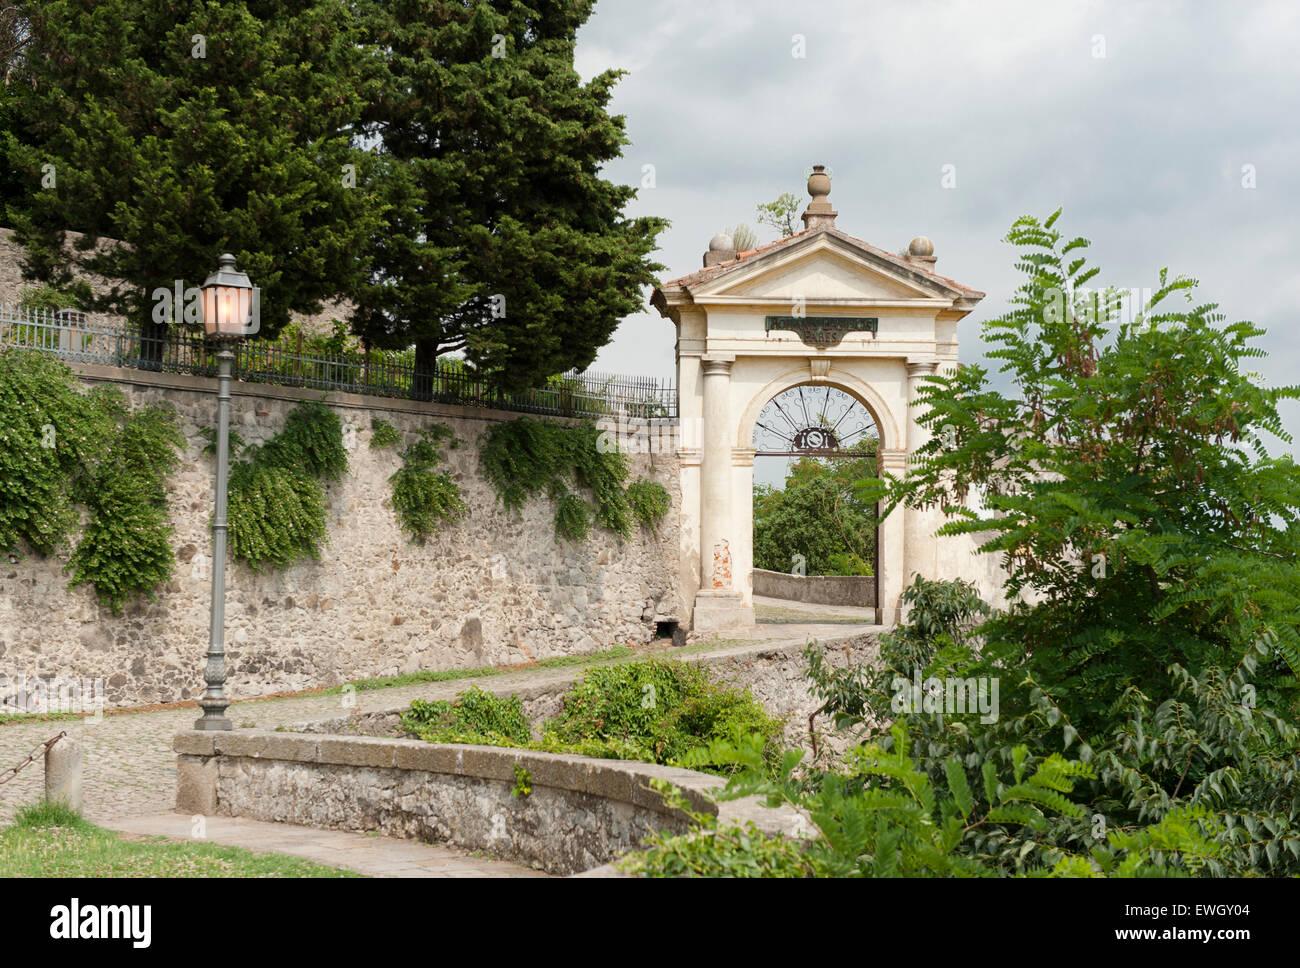 Porta del Santuario Giubilare delle Sette chiese a Monselice, veneto, Italia Immagini Stock